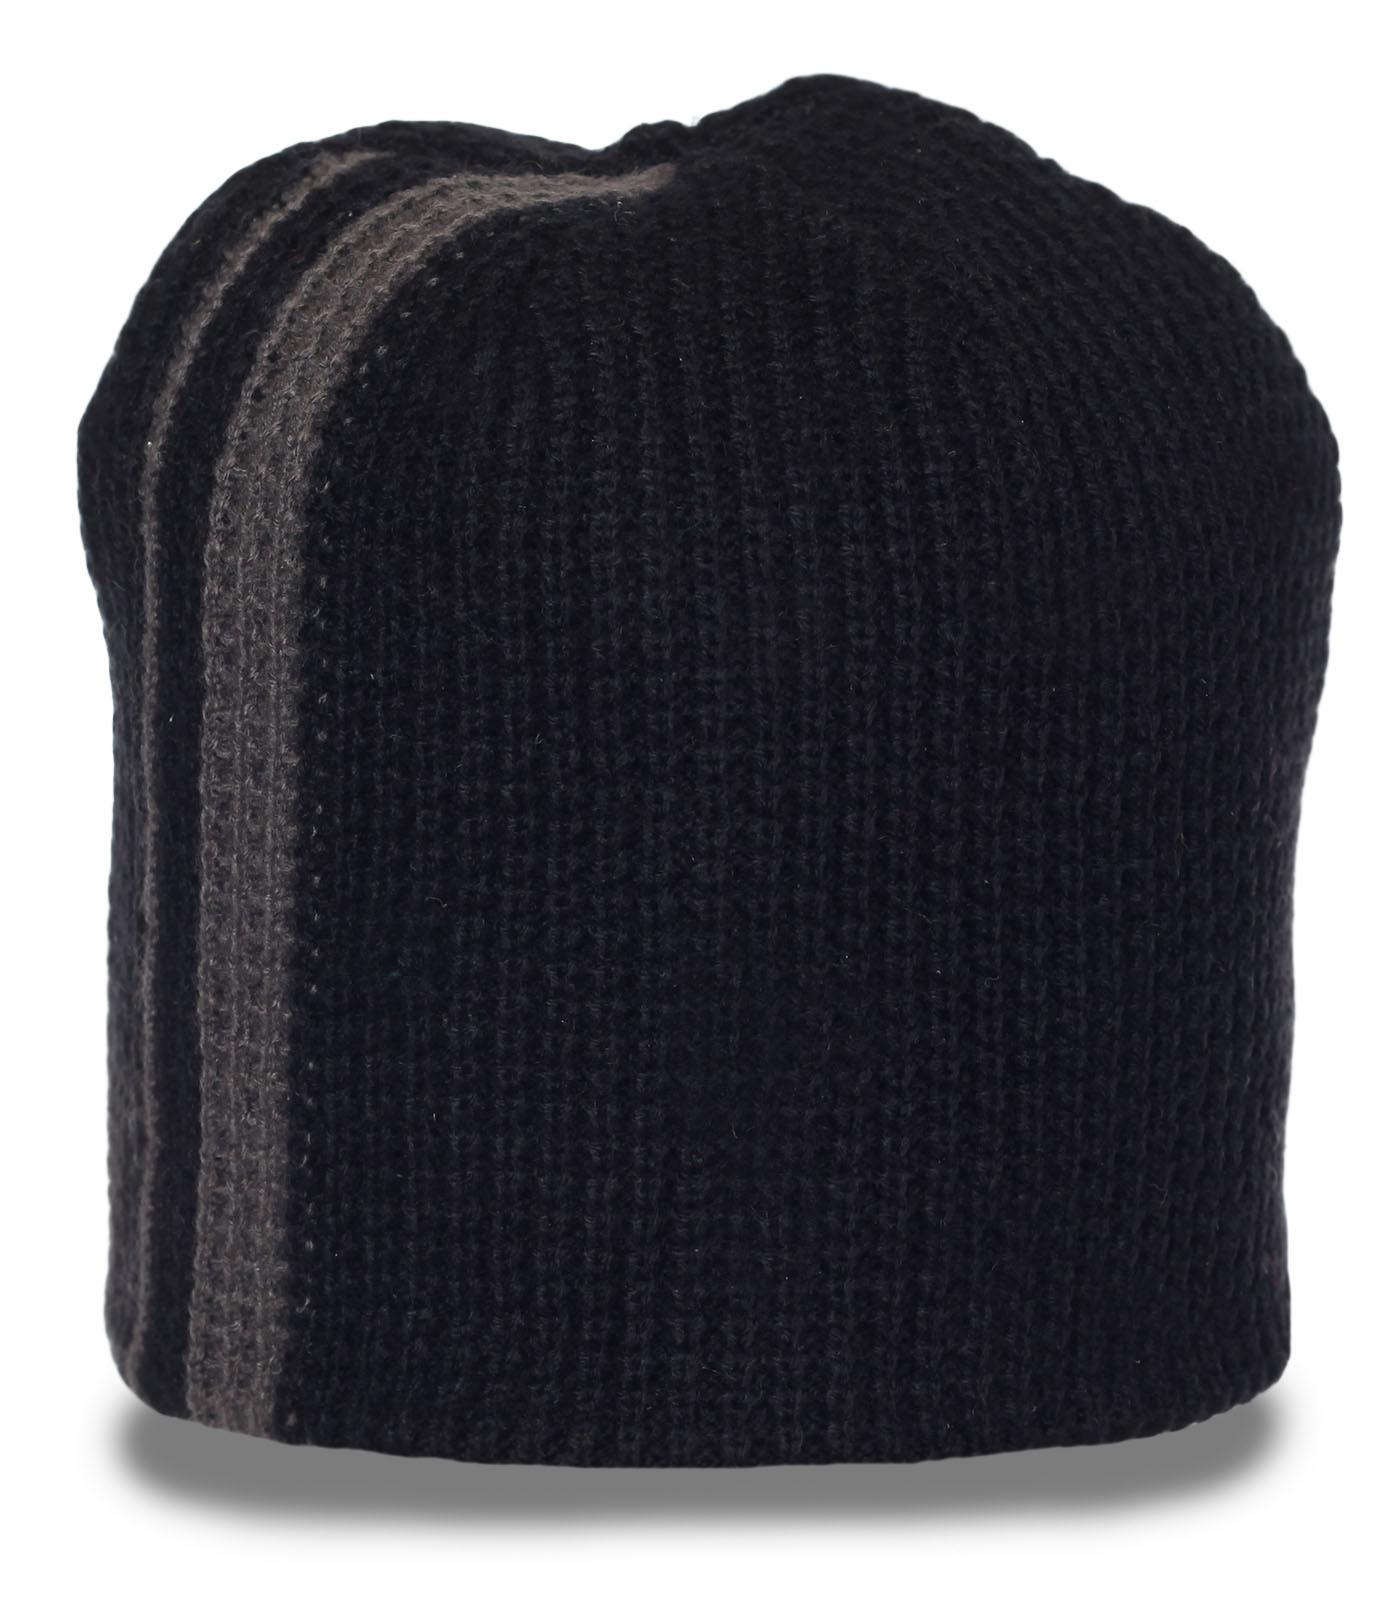 Стильная вязаная шапка из теплого материала. Надежно согреет в любую погоду